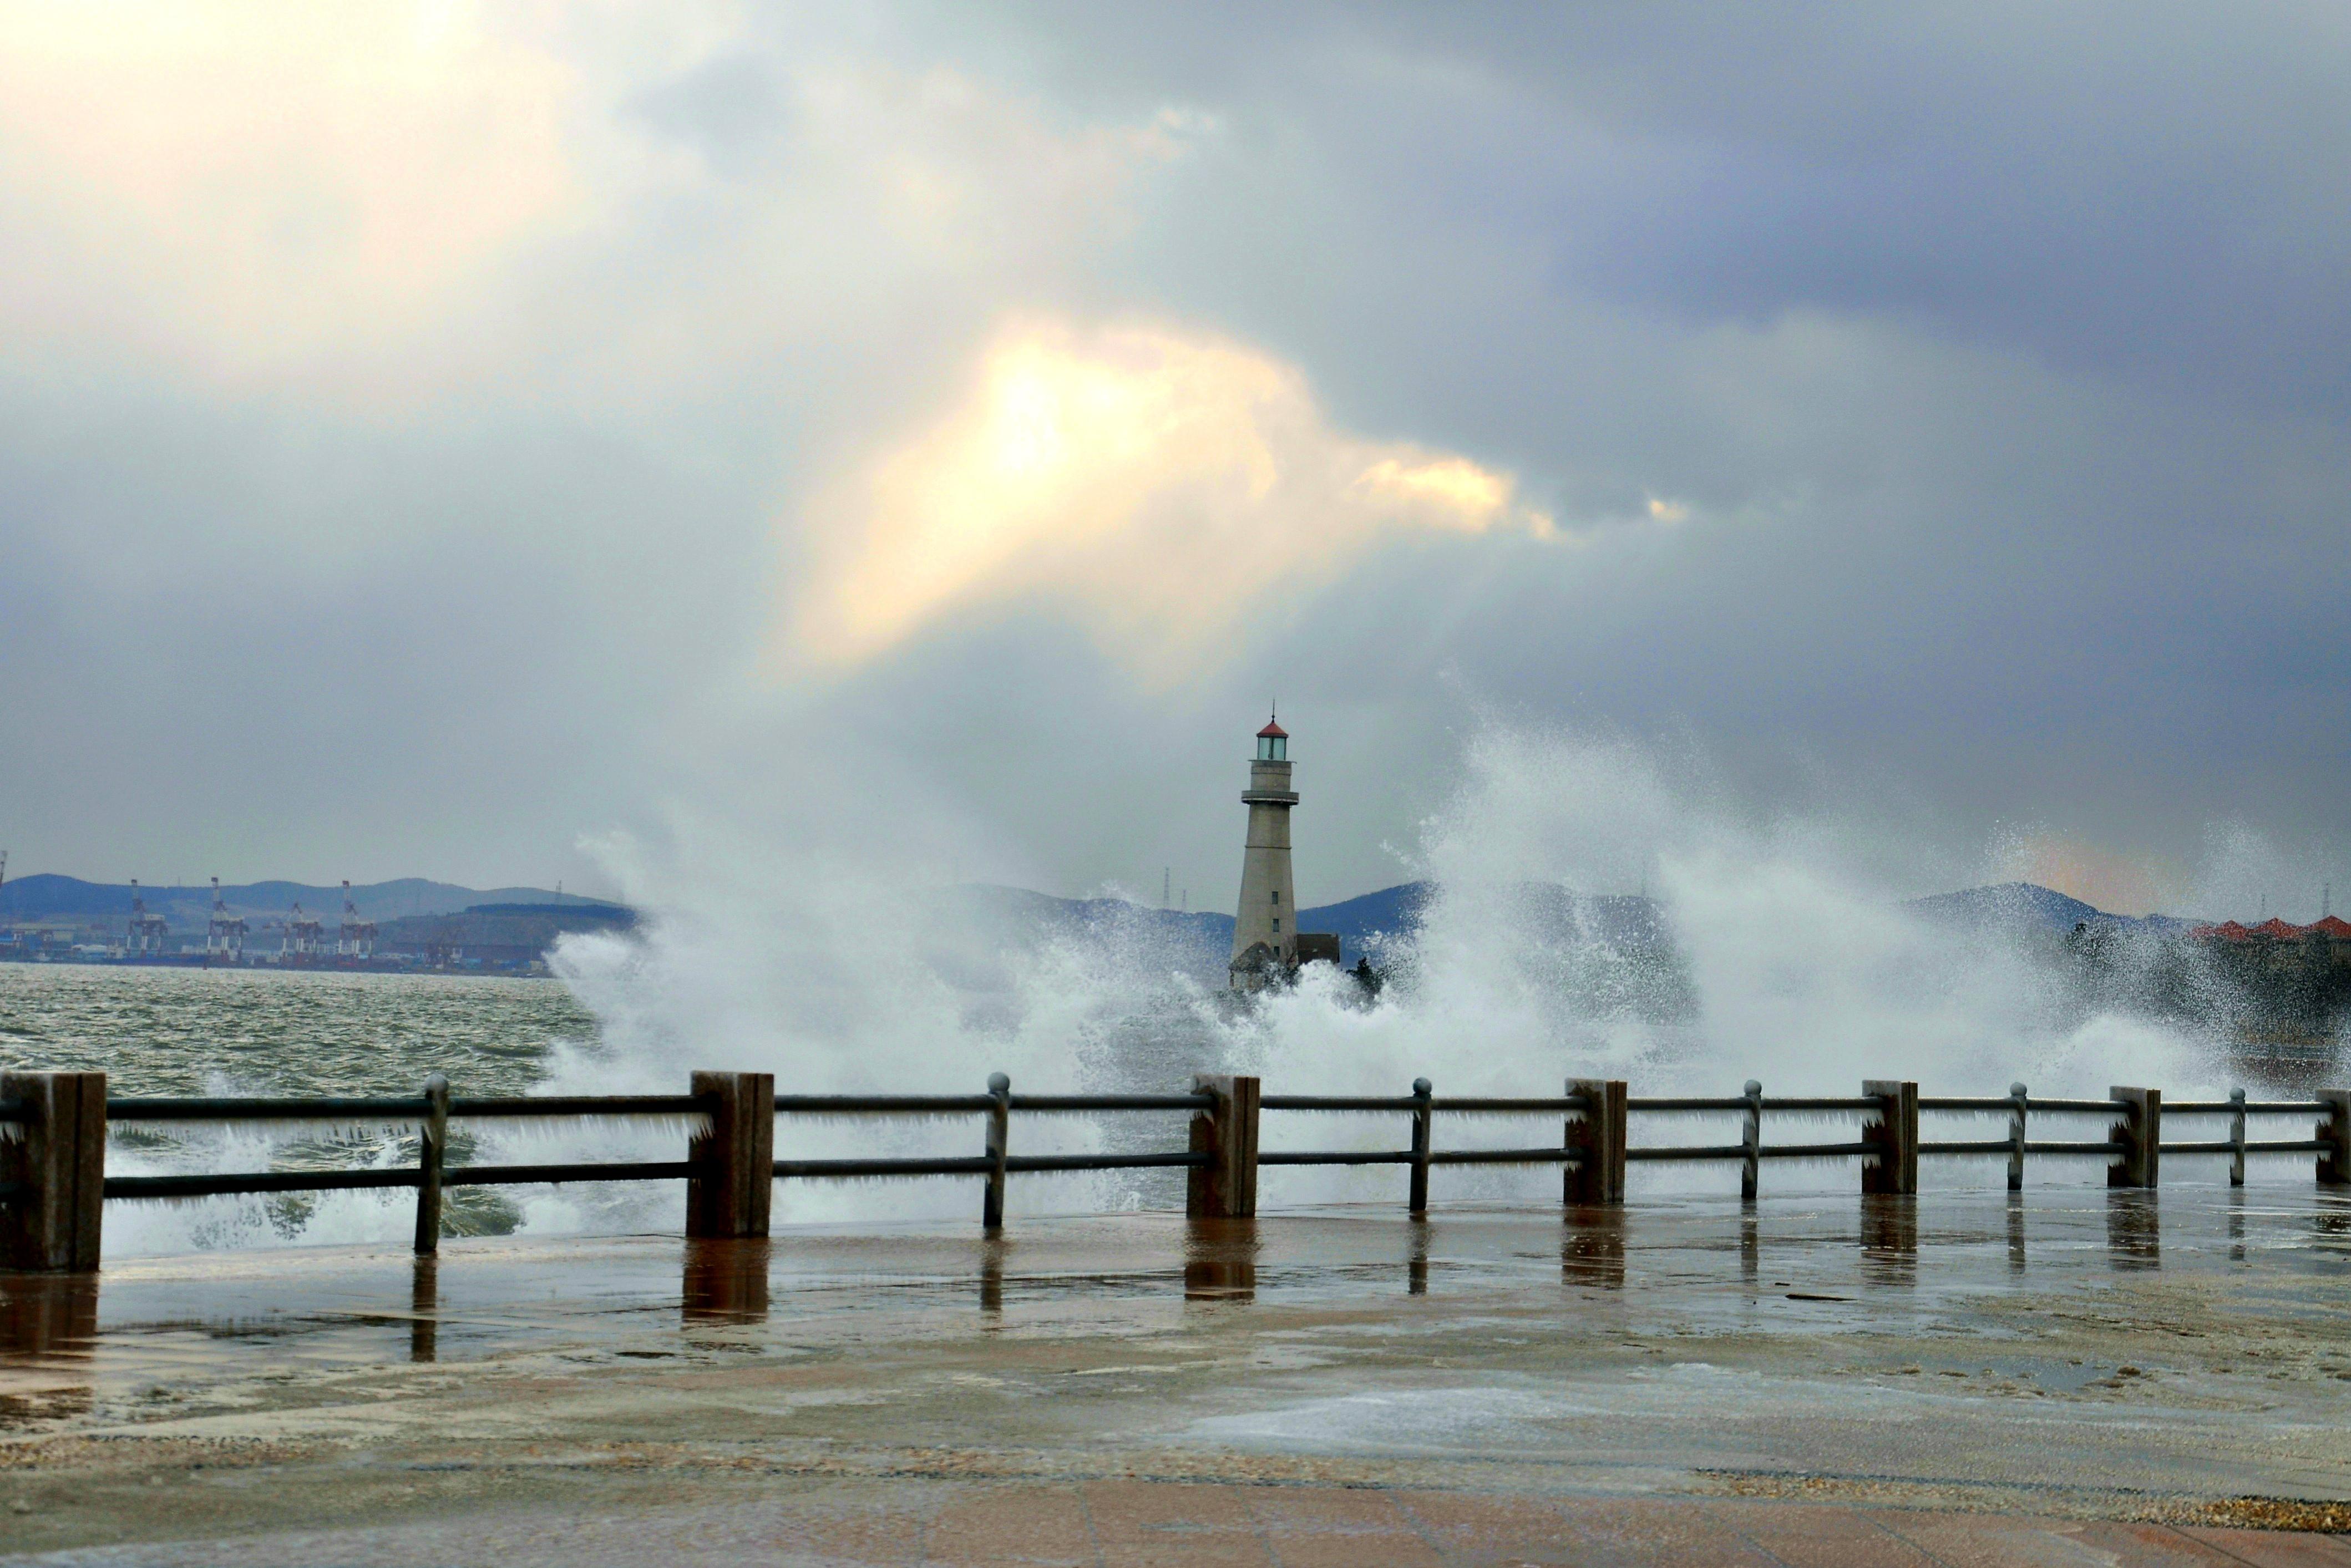 海边灯塔-威海海边灯塔的大浪-原创摄影-摄影天地